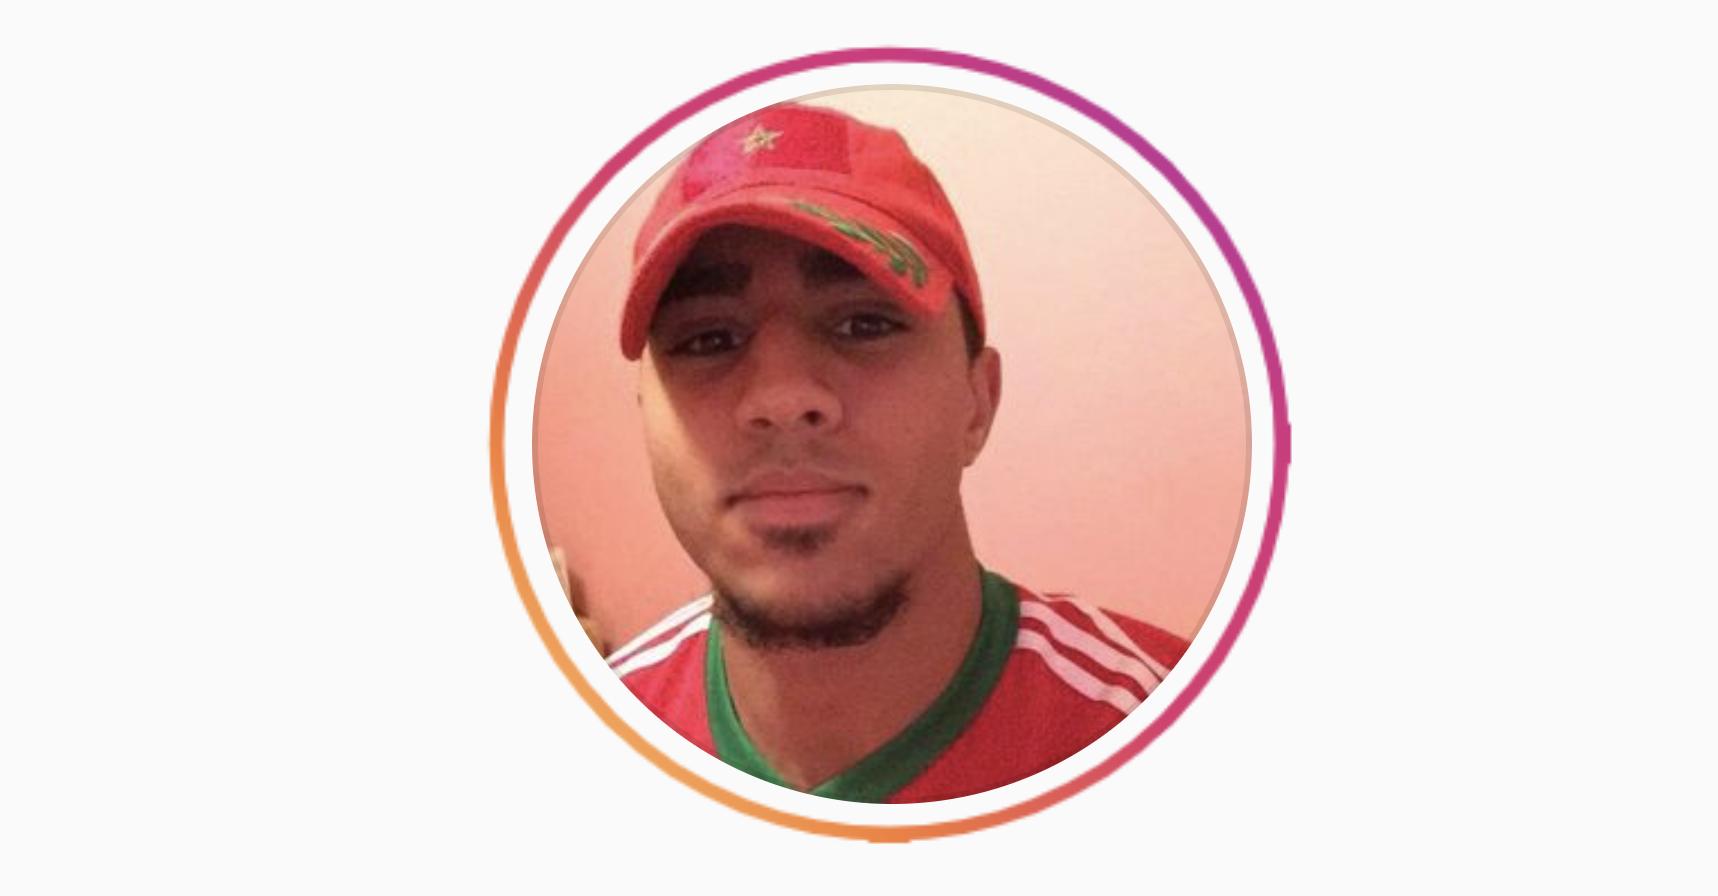 cestmocro verwijderd van instagram